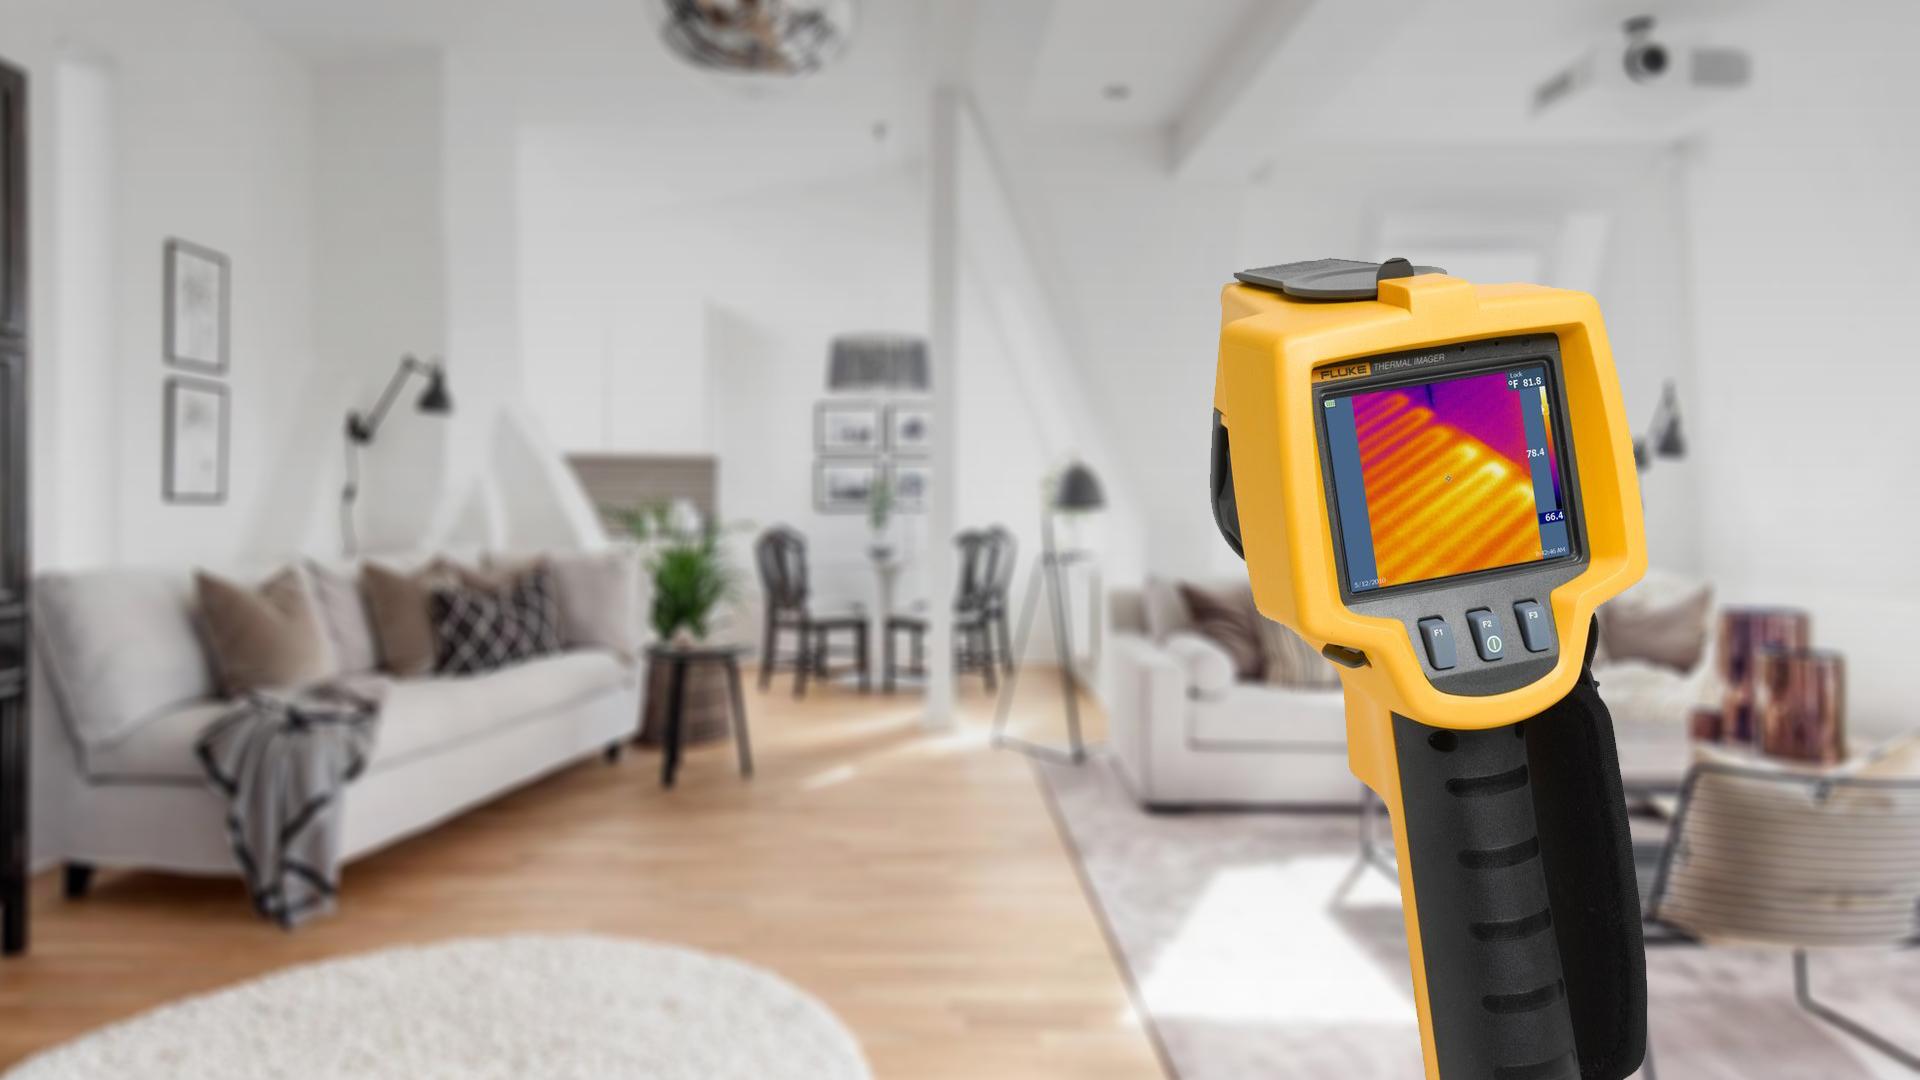 Тепловизор для строительства виды и правила проведения проверки дома